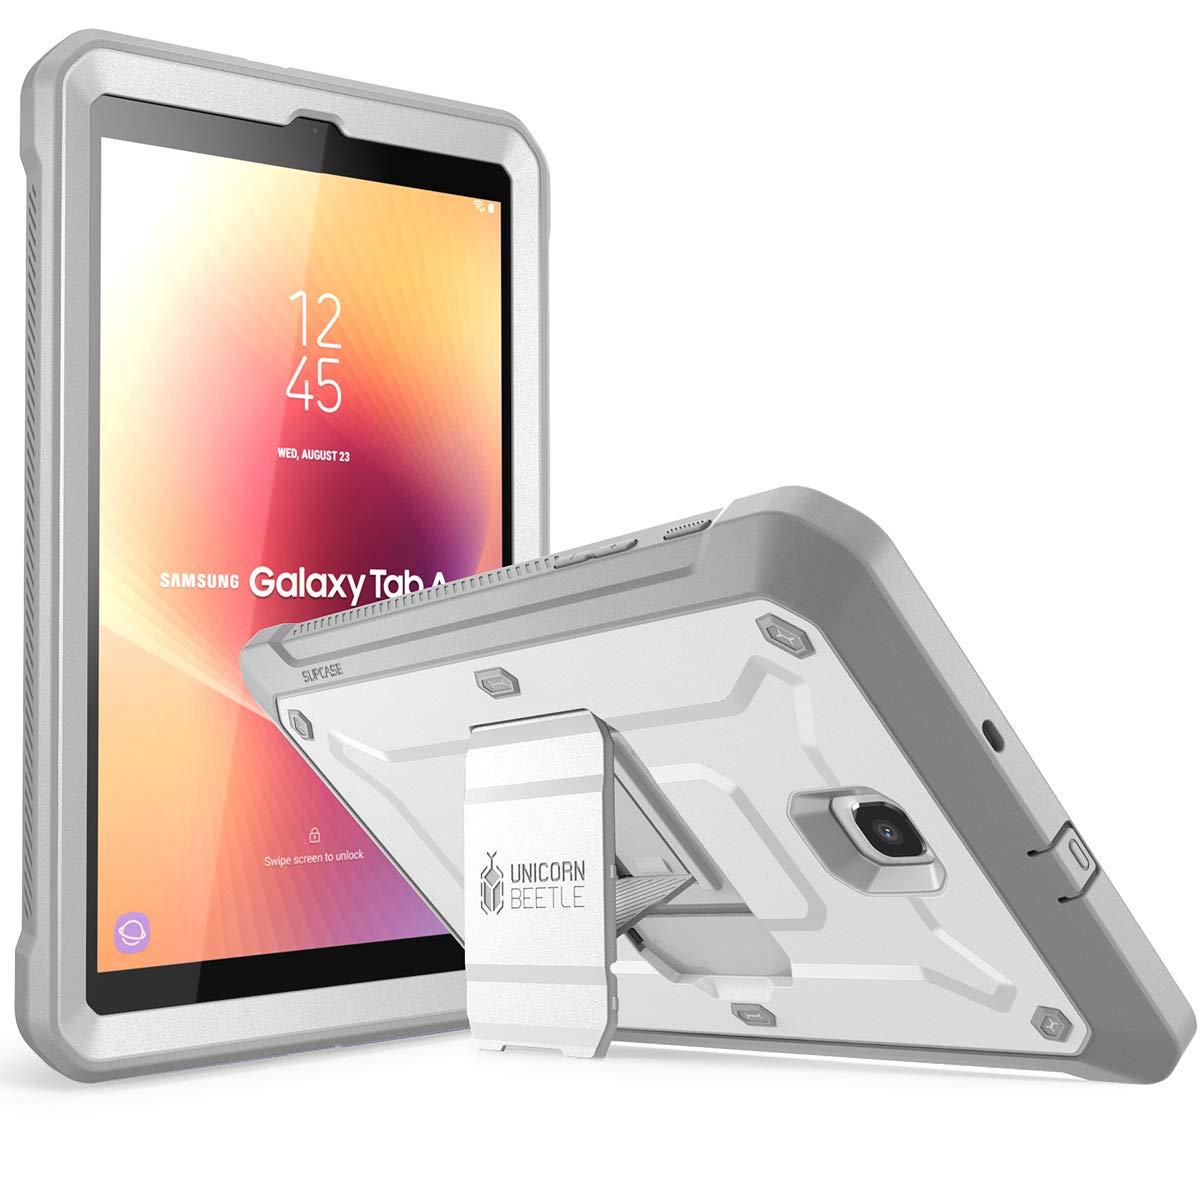 Funda Samsung Galaxy Tab A 8.0 (2018) SUPCASE [7KF4TX74]